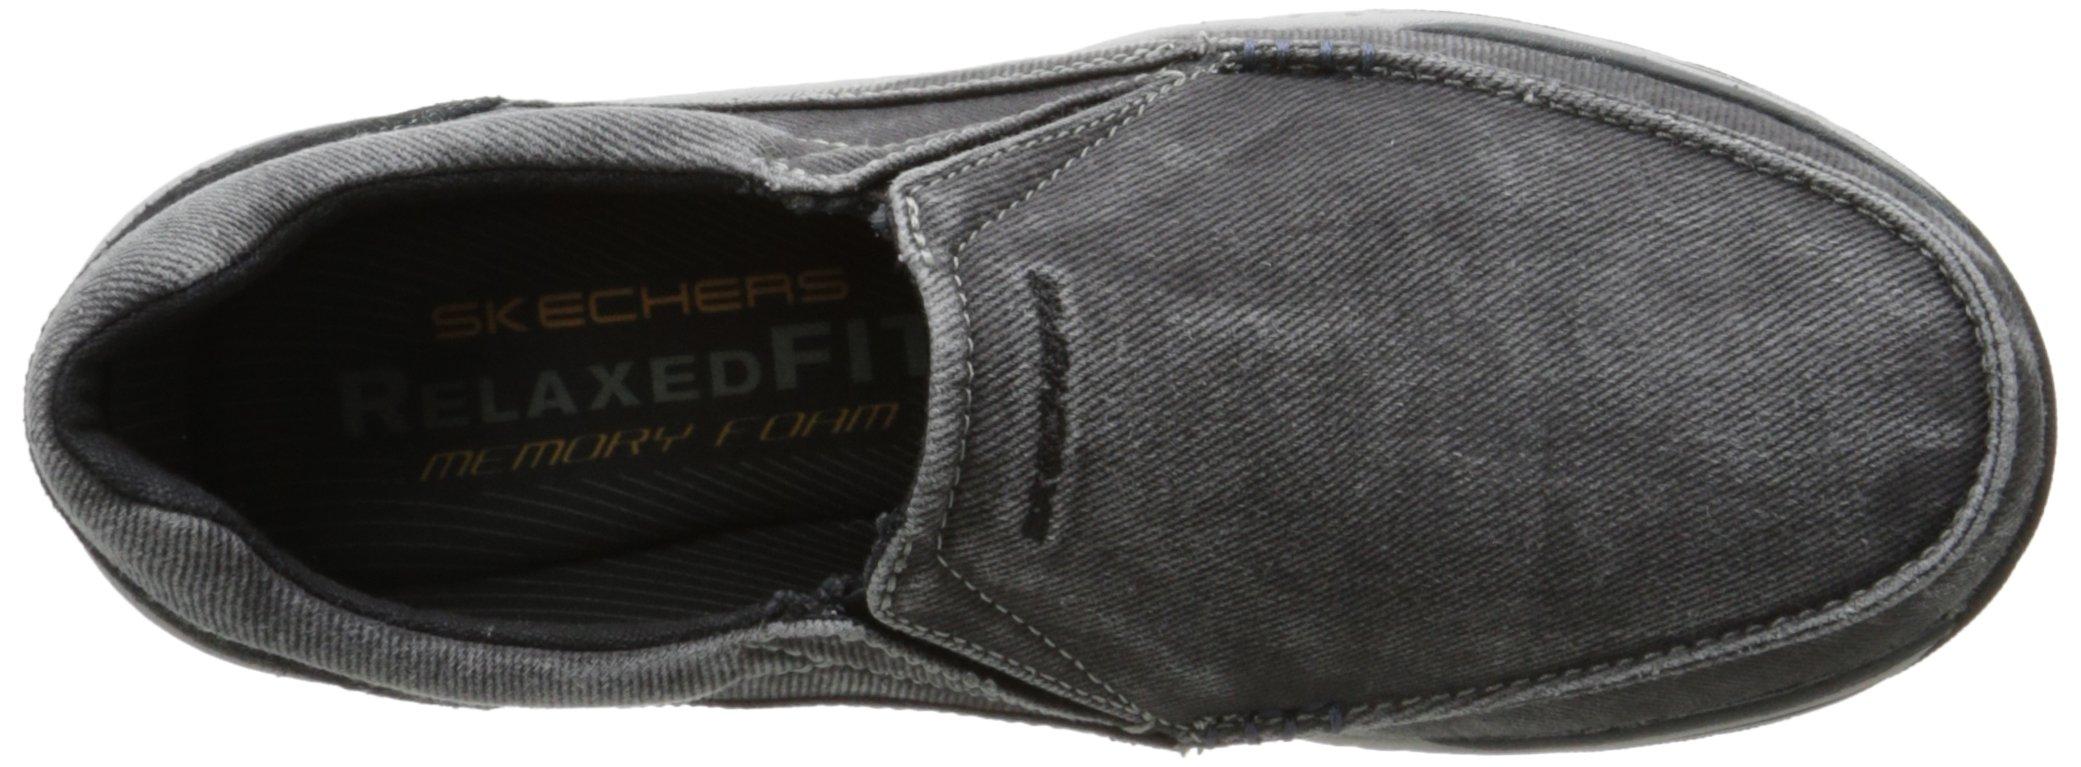 Skechers Men's Expected Avillo Relaxed-Fit Slip-On Loafer,Black,13 M US by Skechers (Image #8)